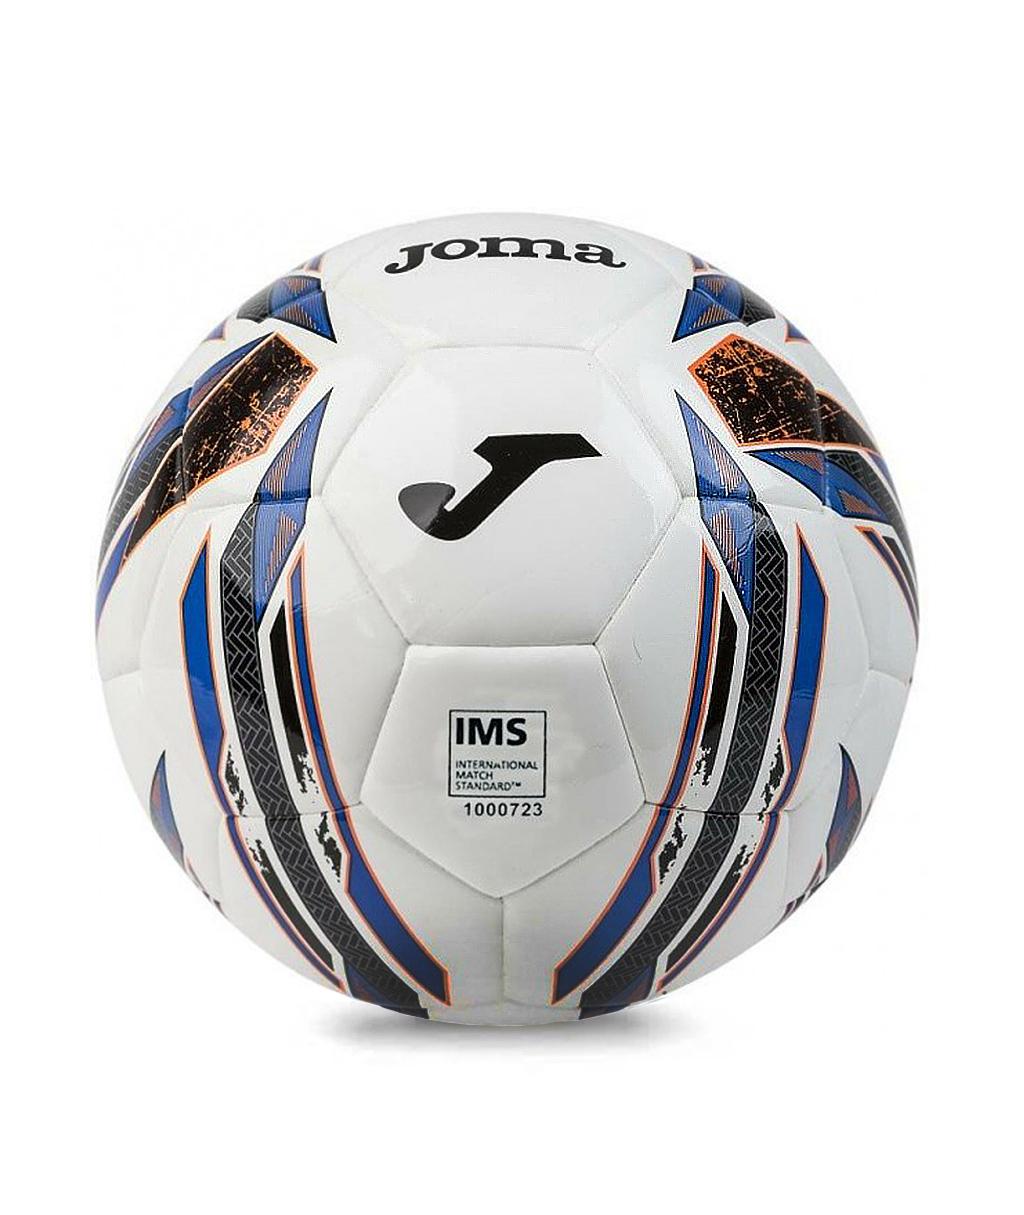 Купить мяч Joma Neptune 400355.107 (Размер 5) в интернет-магазине.jpg.0x600